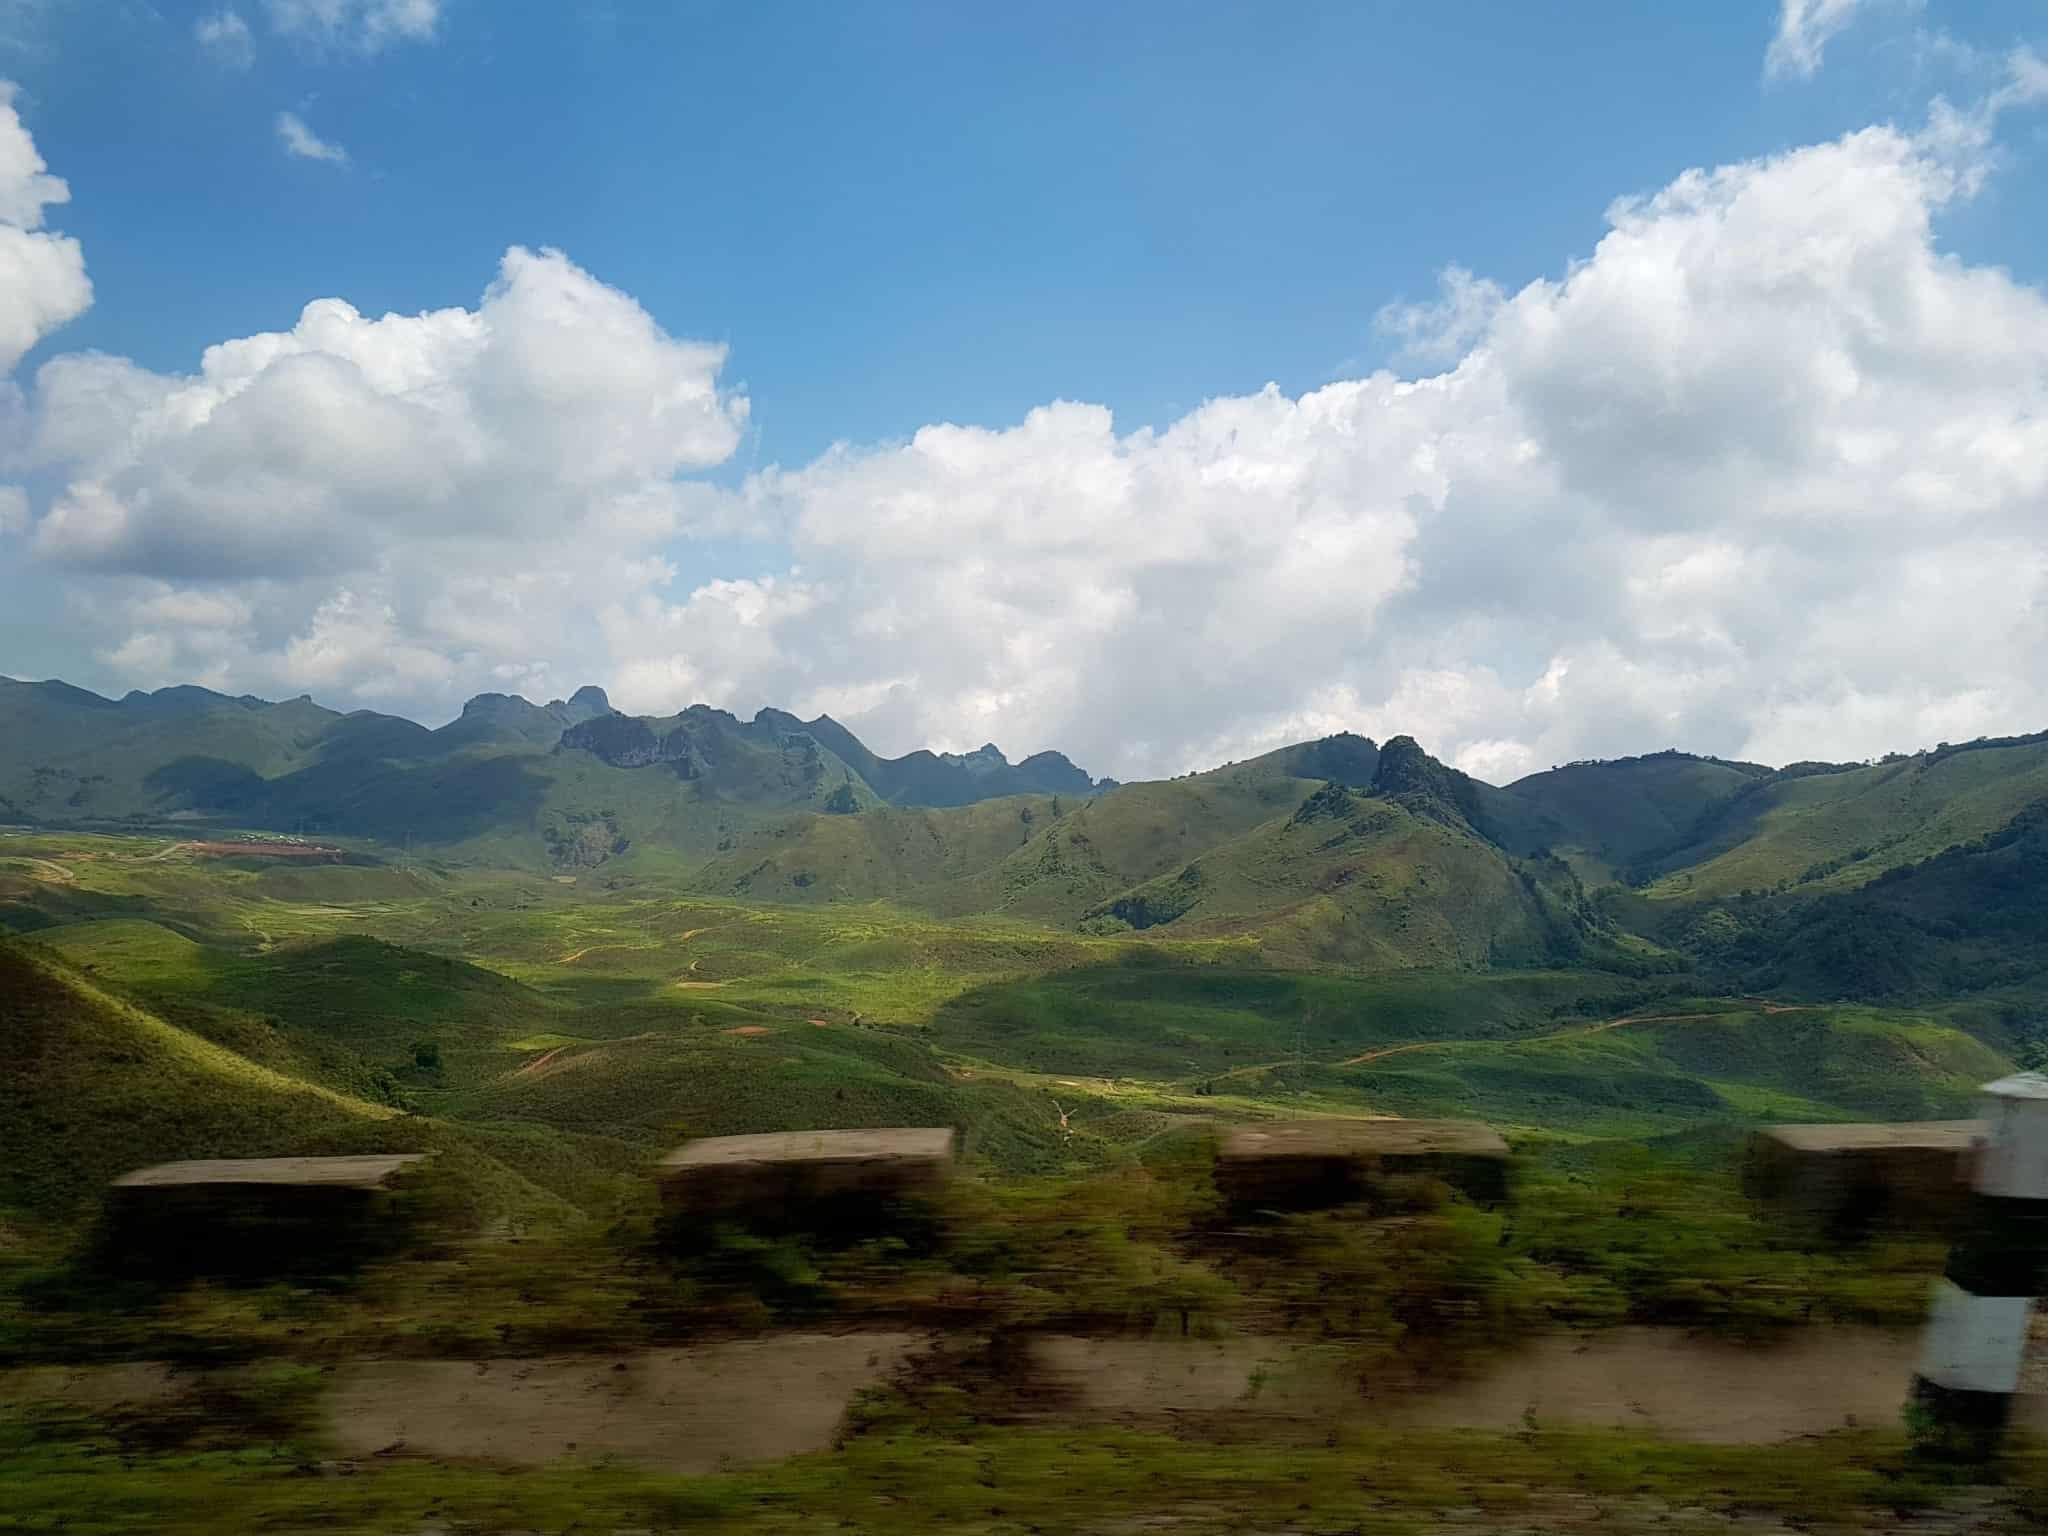 Laos, Vang Vieng un incontournable du Laos ! 🧡 3